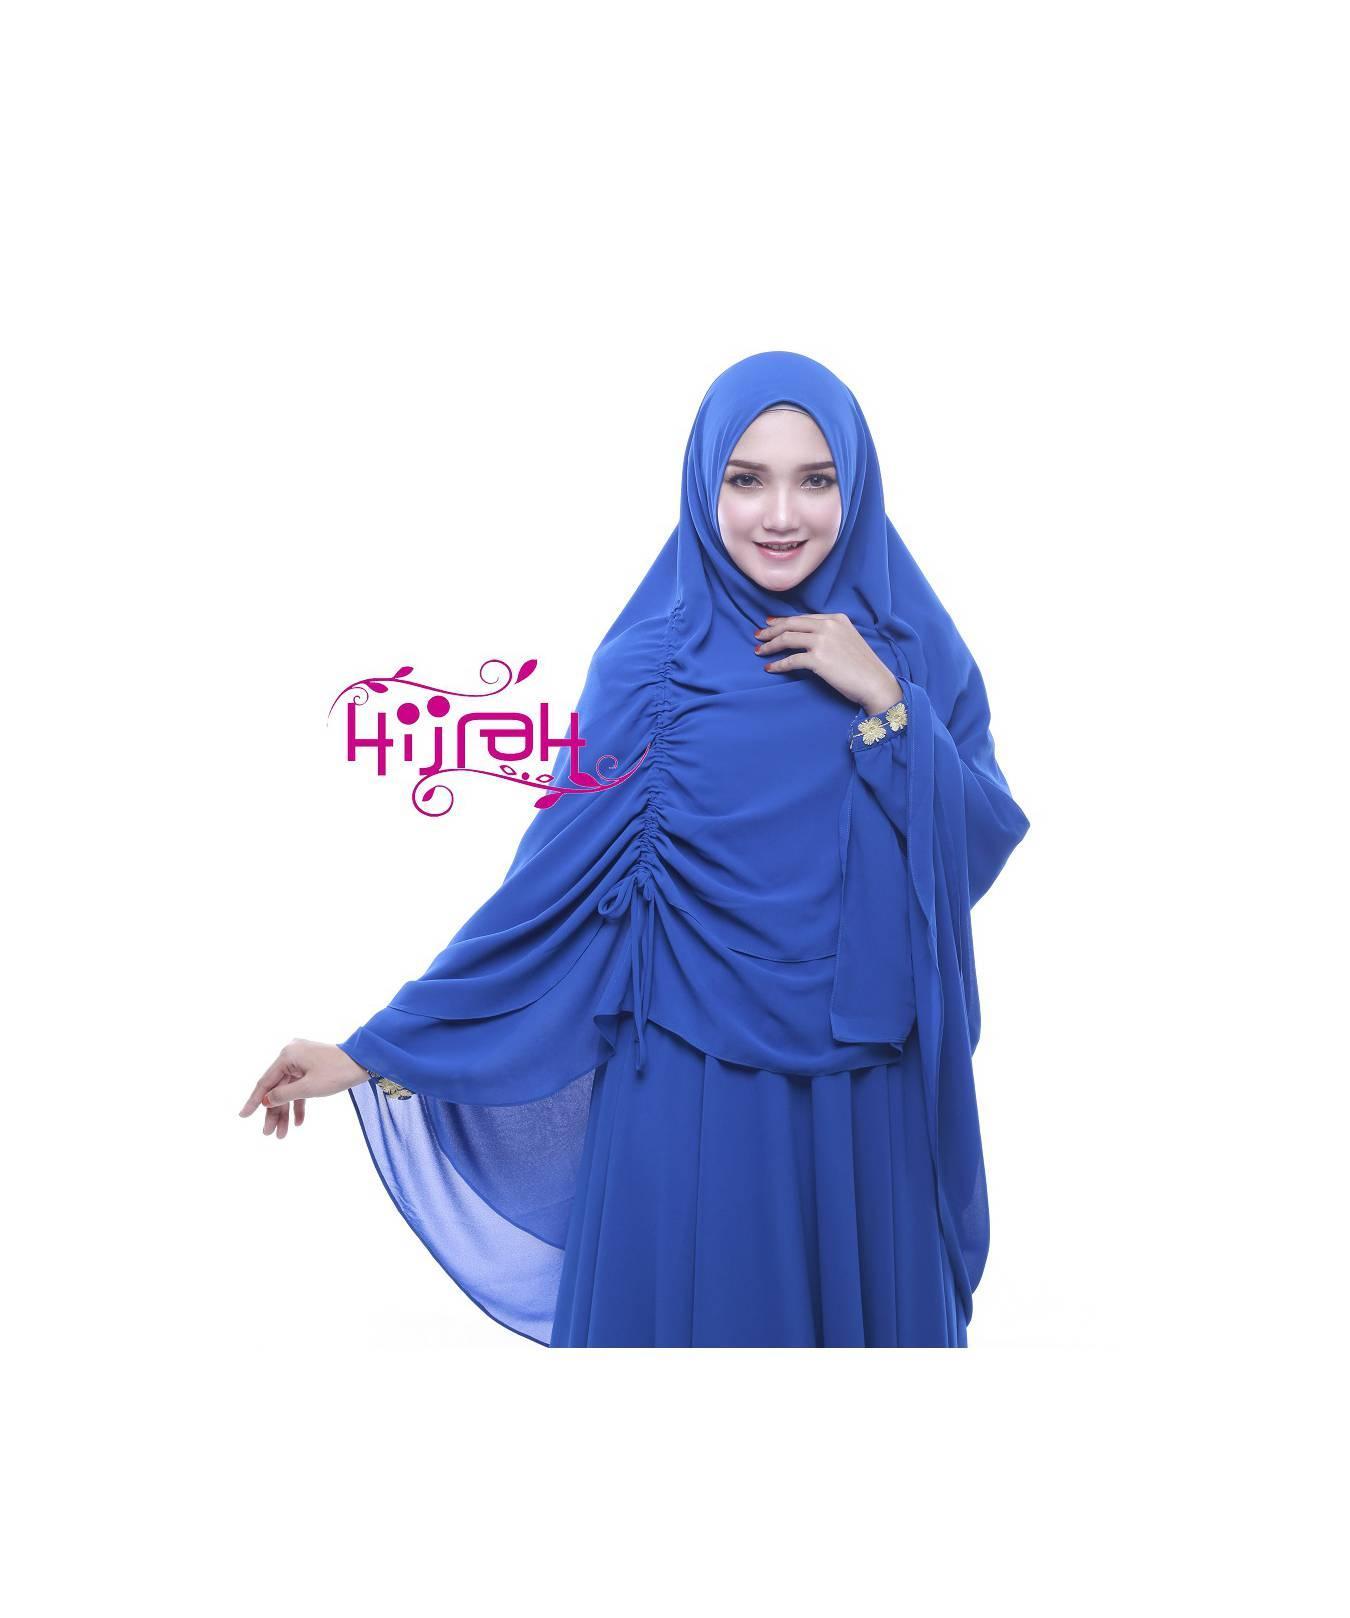 Gamis Syar'i New Bilqis by Hijrah, Premium Biru Elekstrik